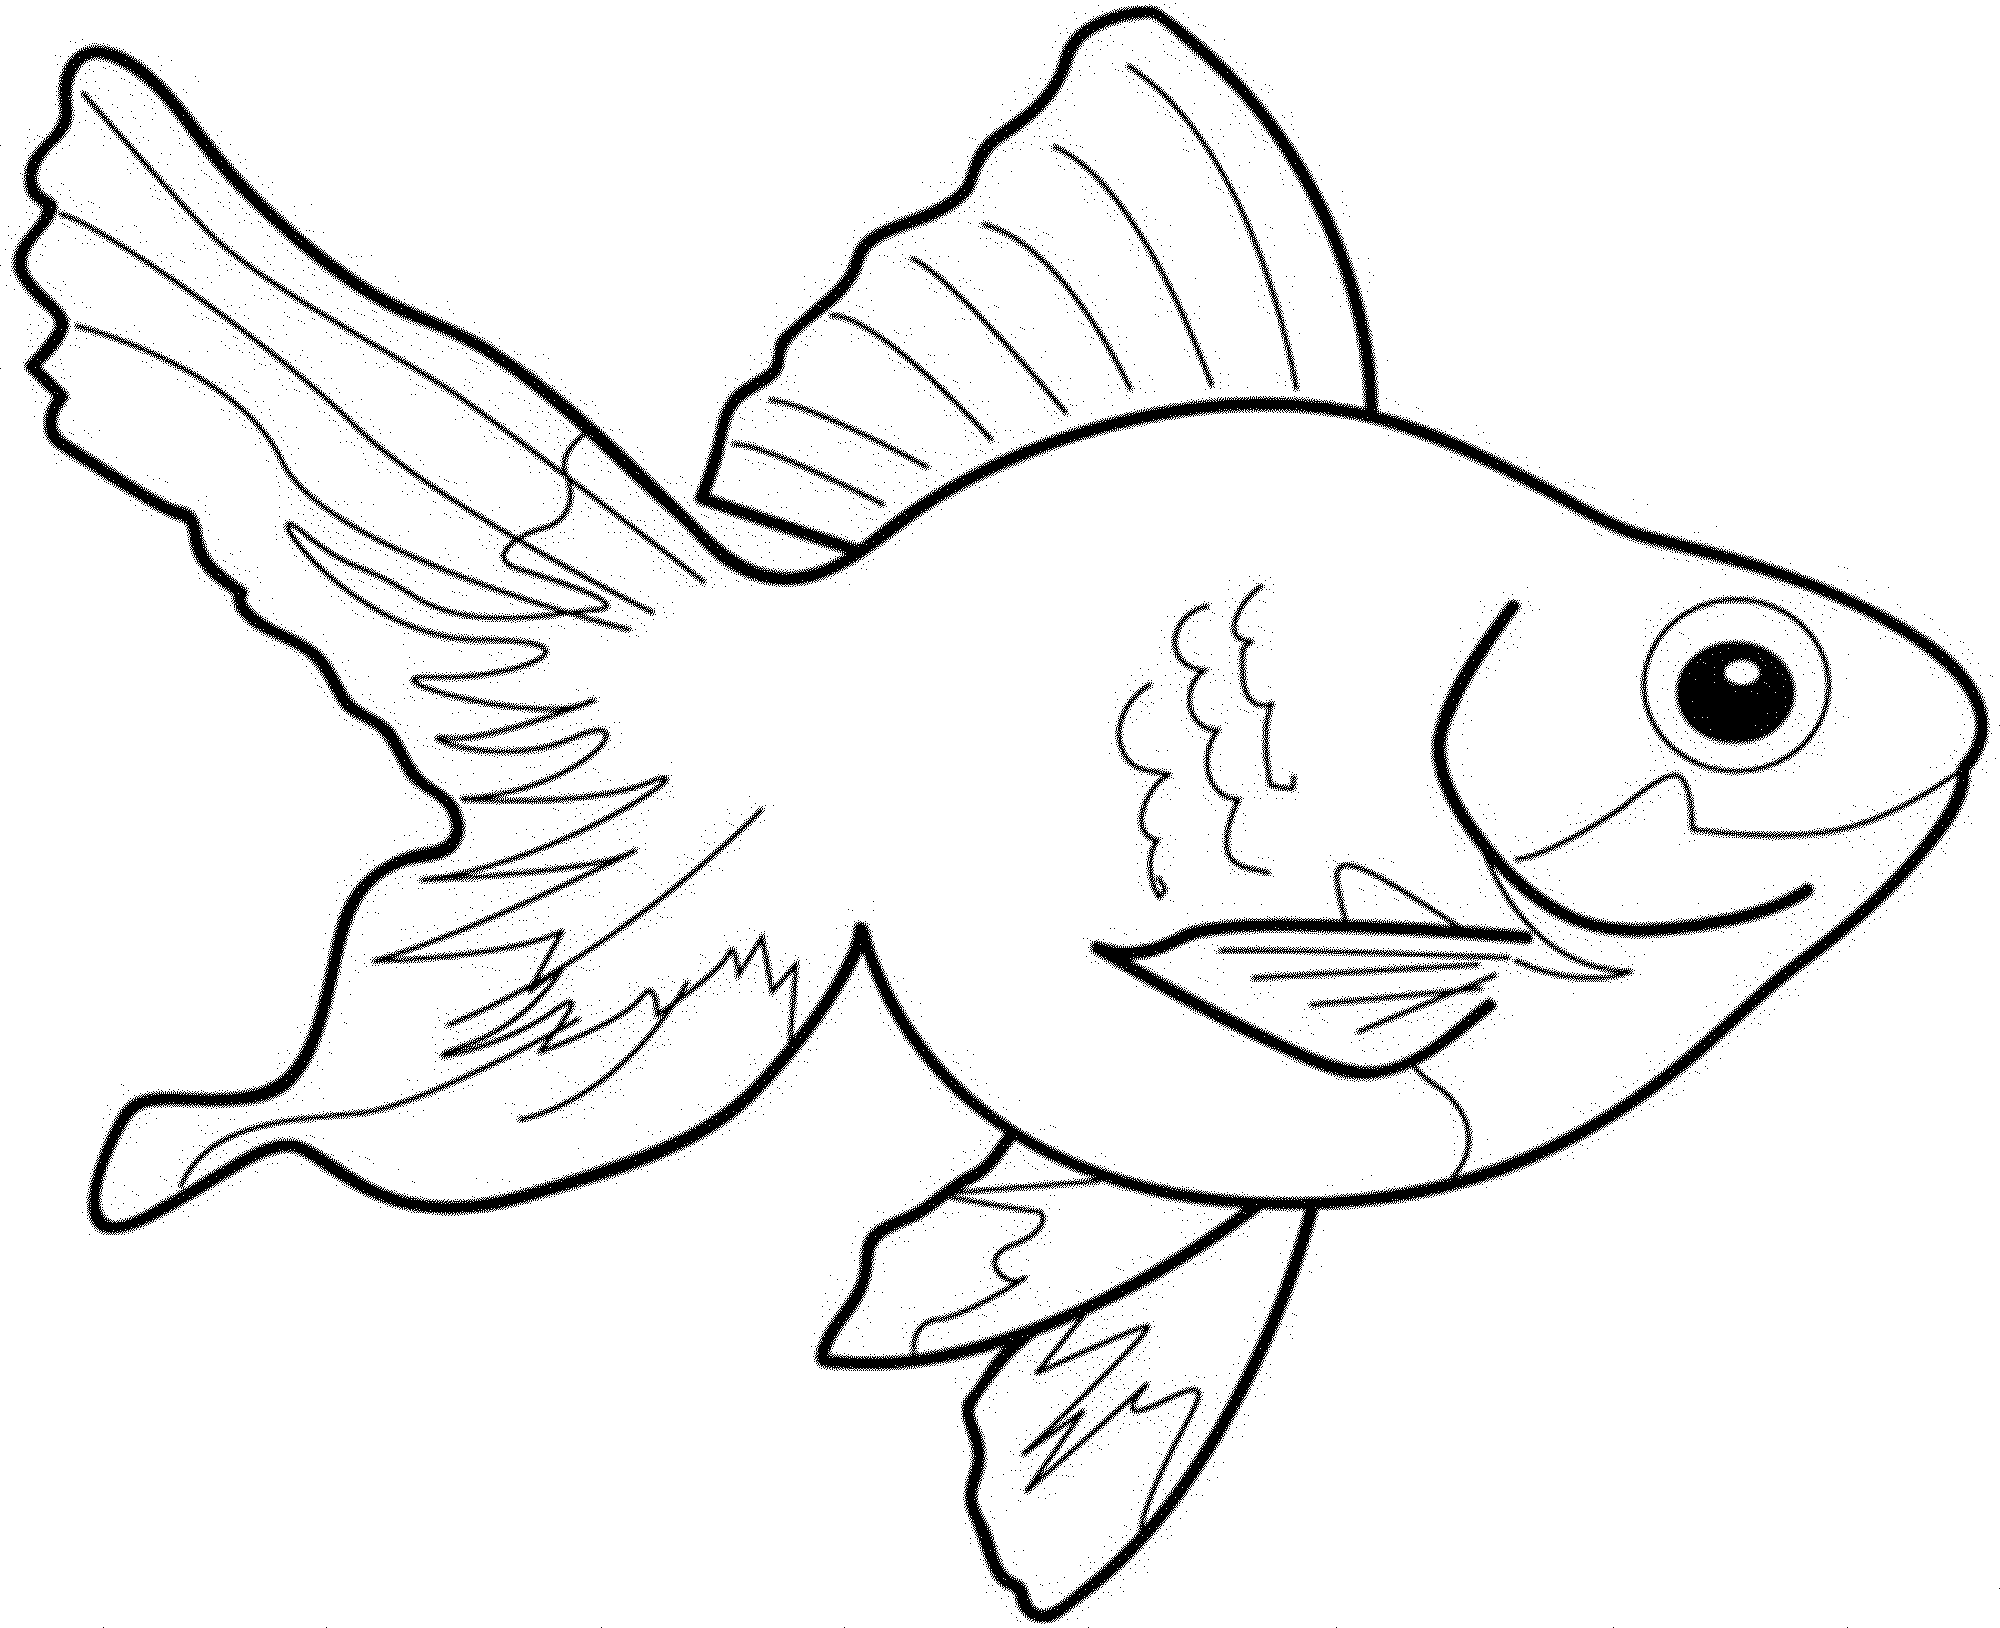 Aquarium Fish Drawing at GetDrawings